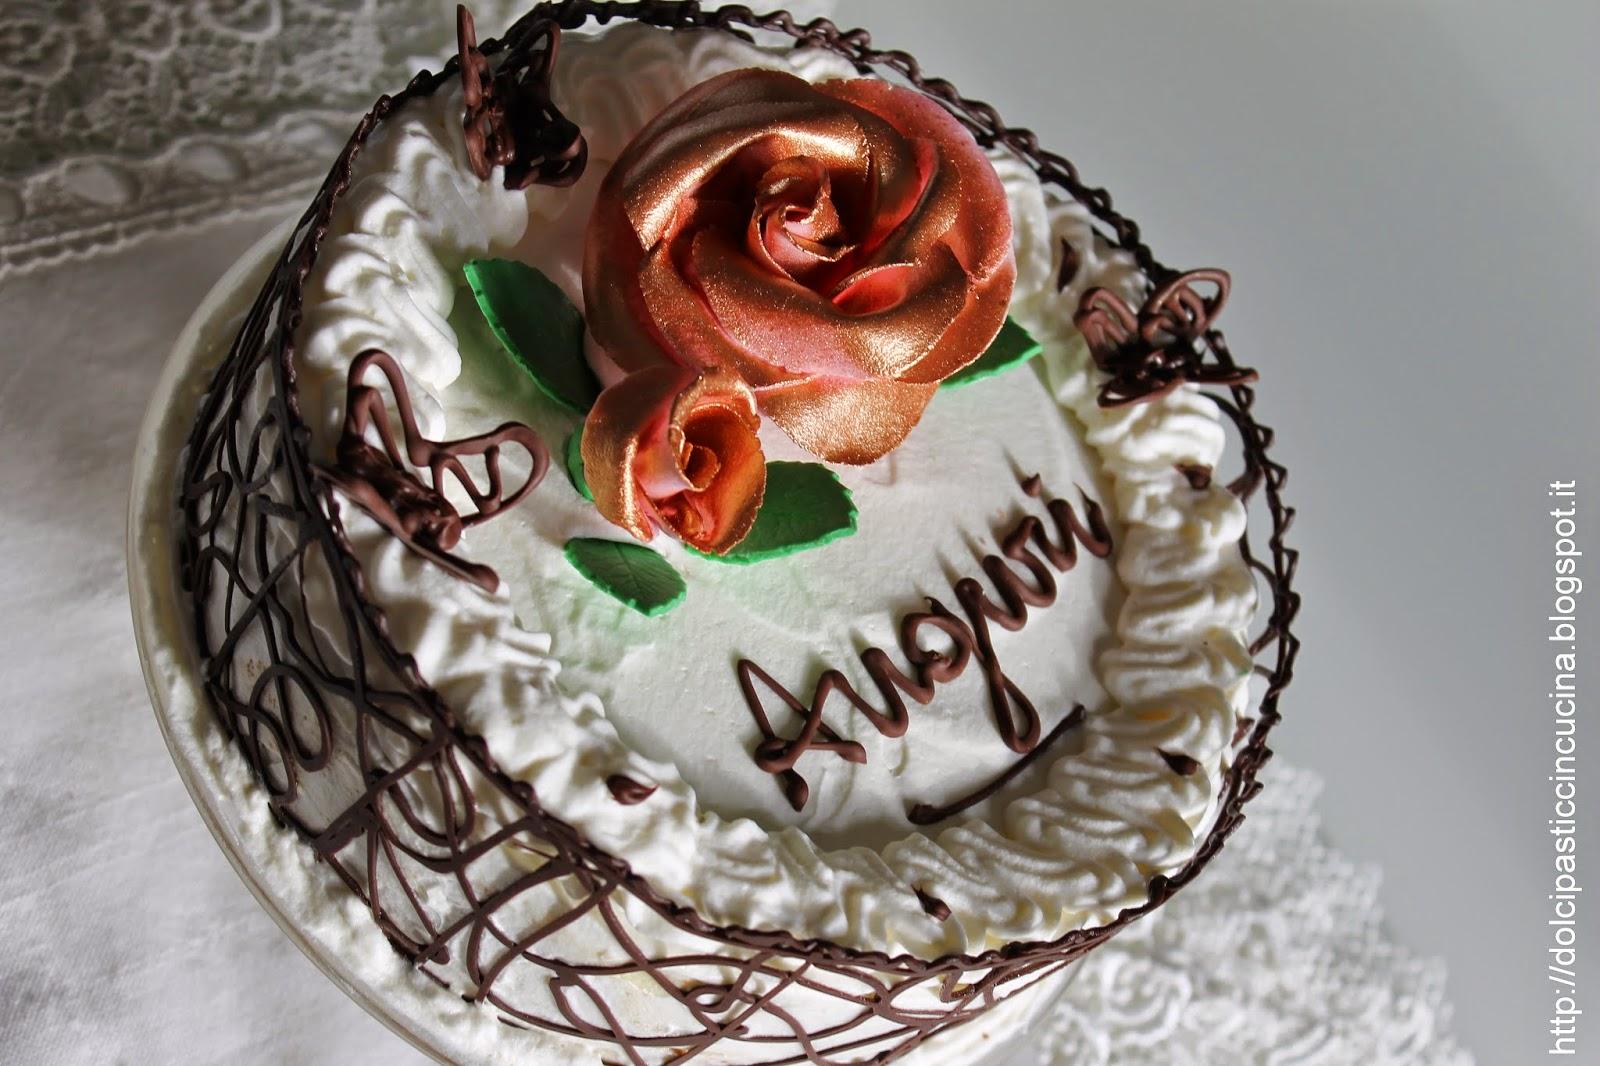 Incucinacolcuore pasta di zucchero e decorazioni for Decorazioni di cioccolato per torte